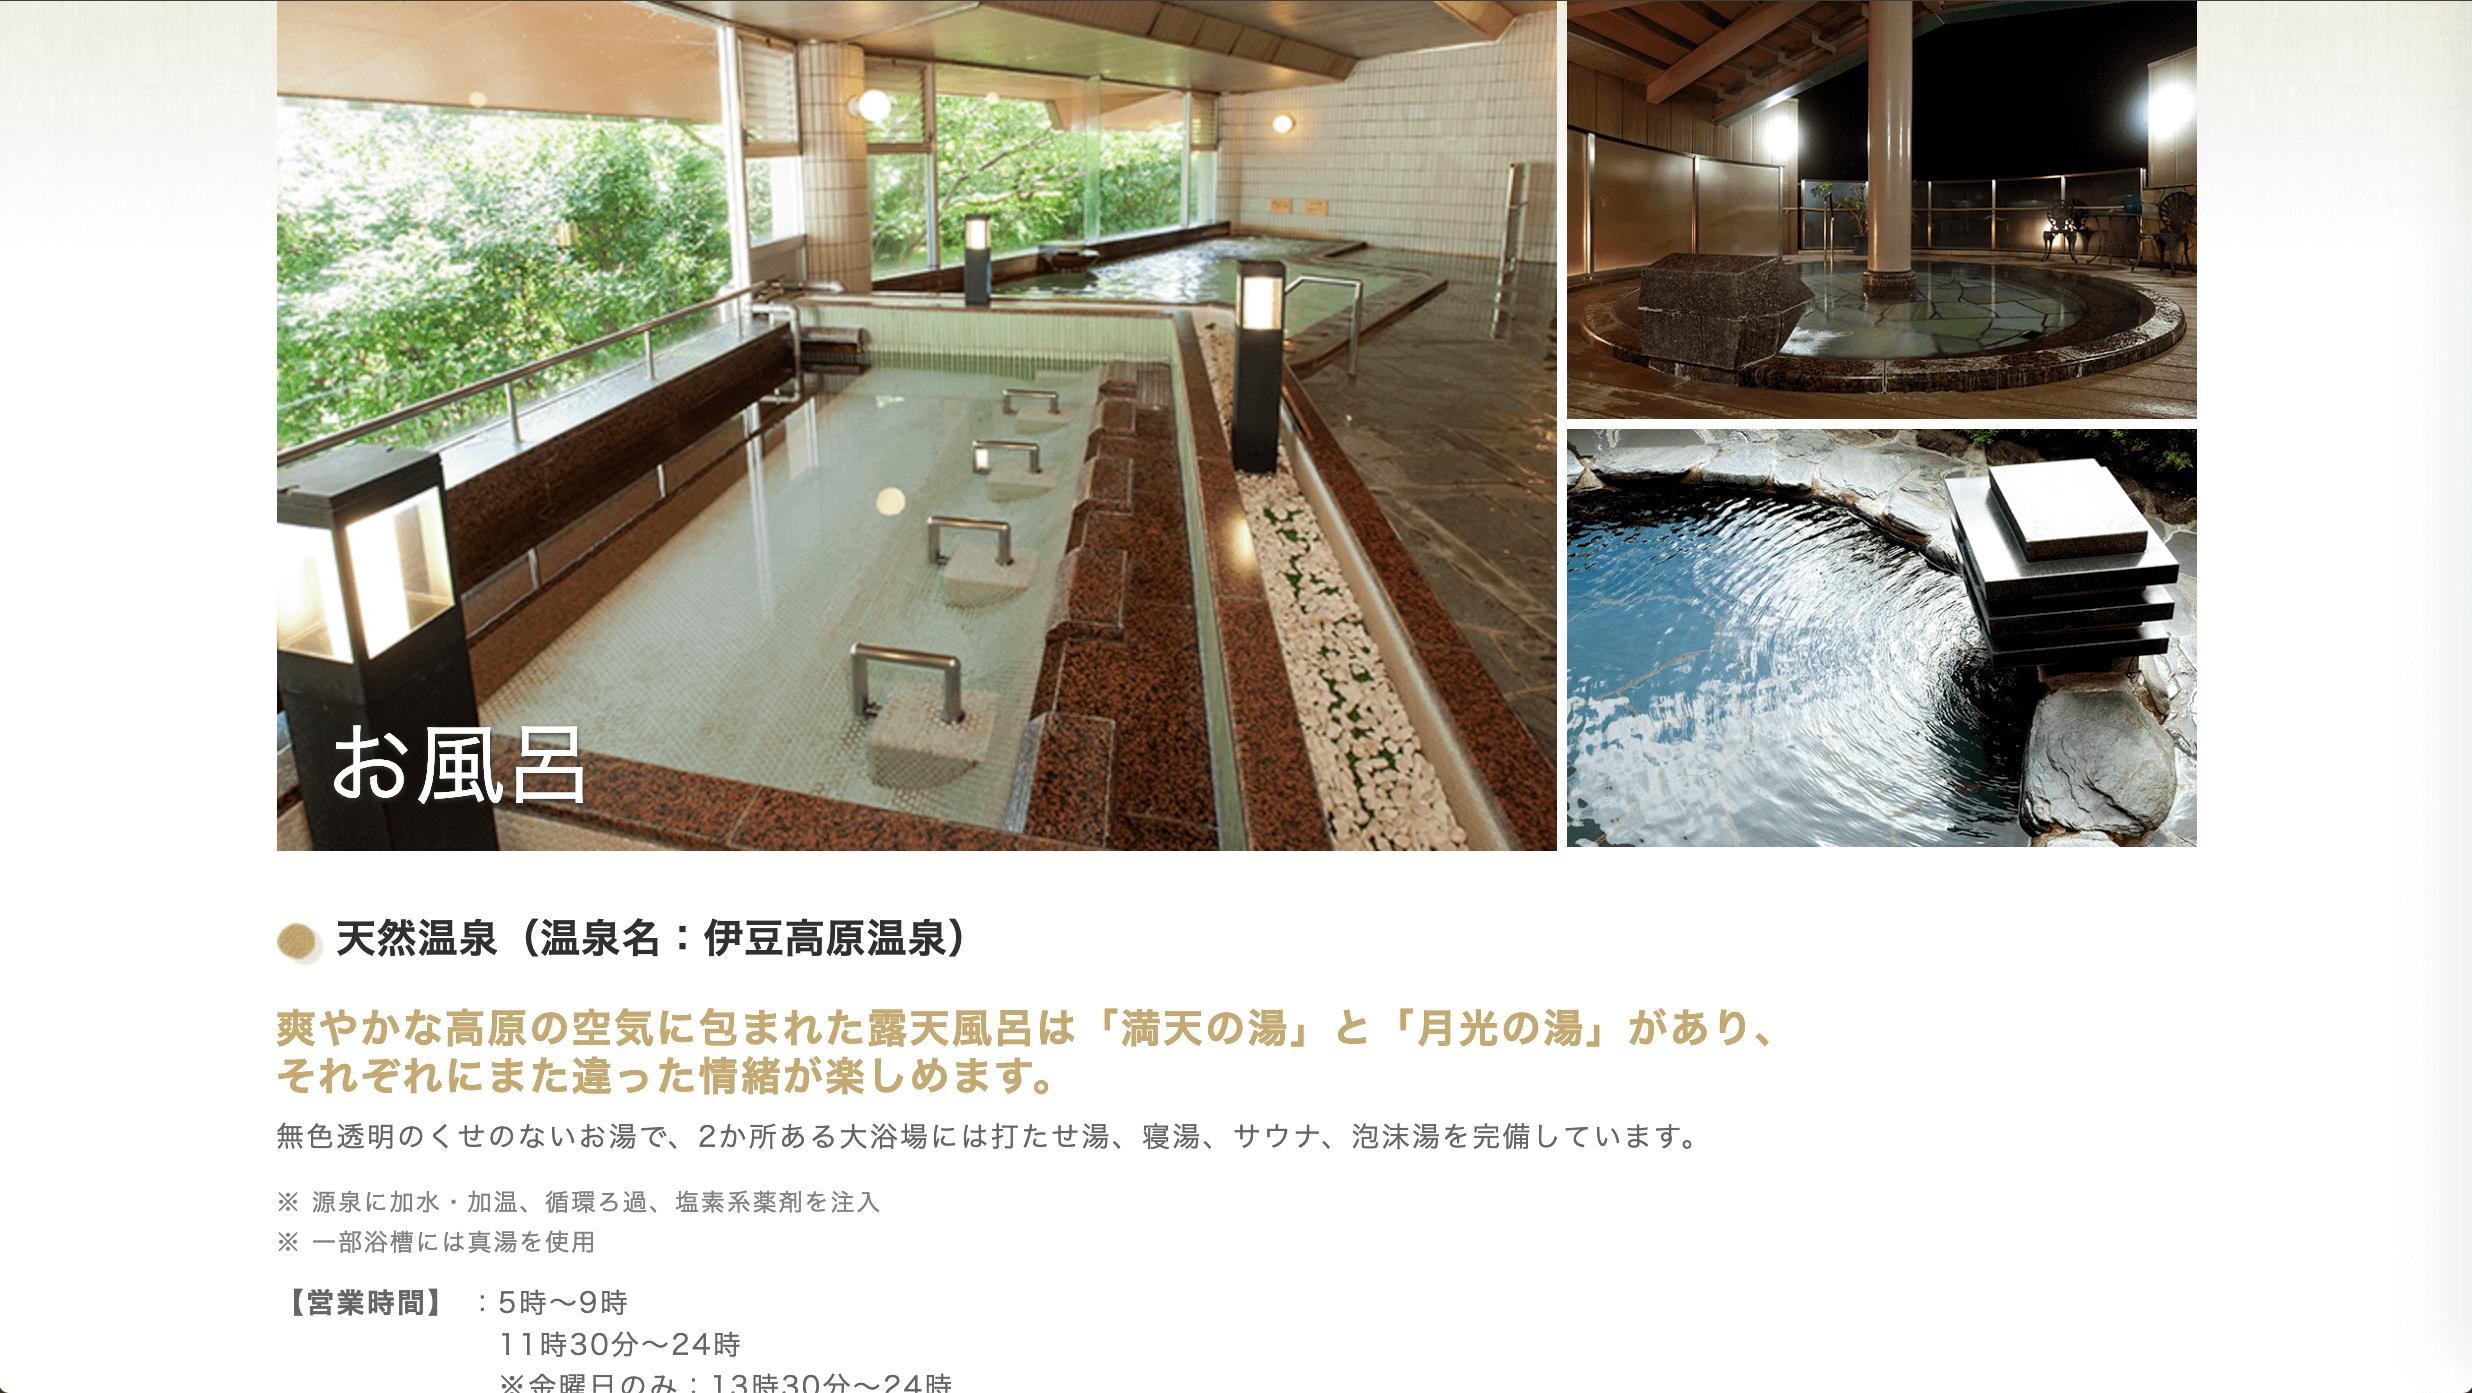 かんぽの宿 伊豆高原の温泉